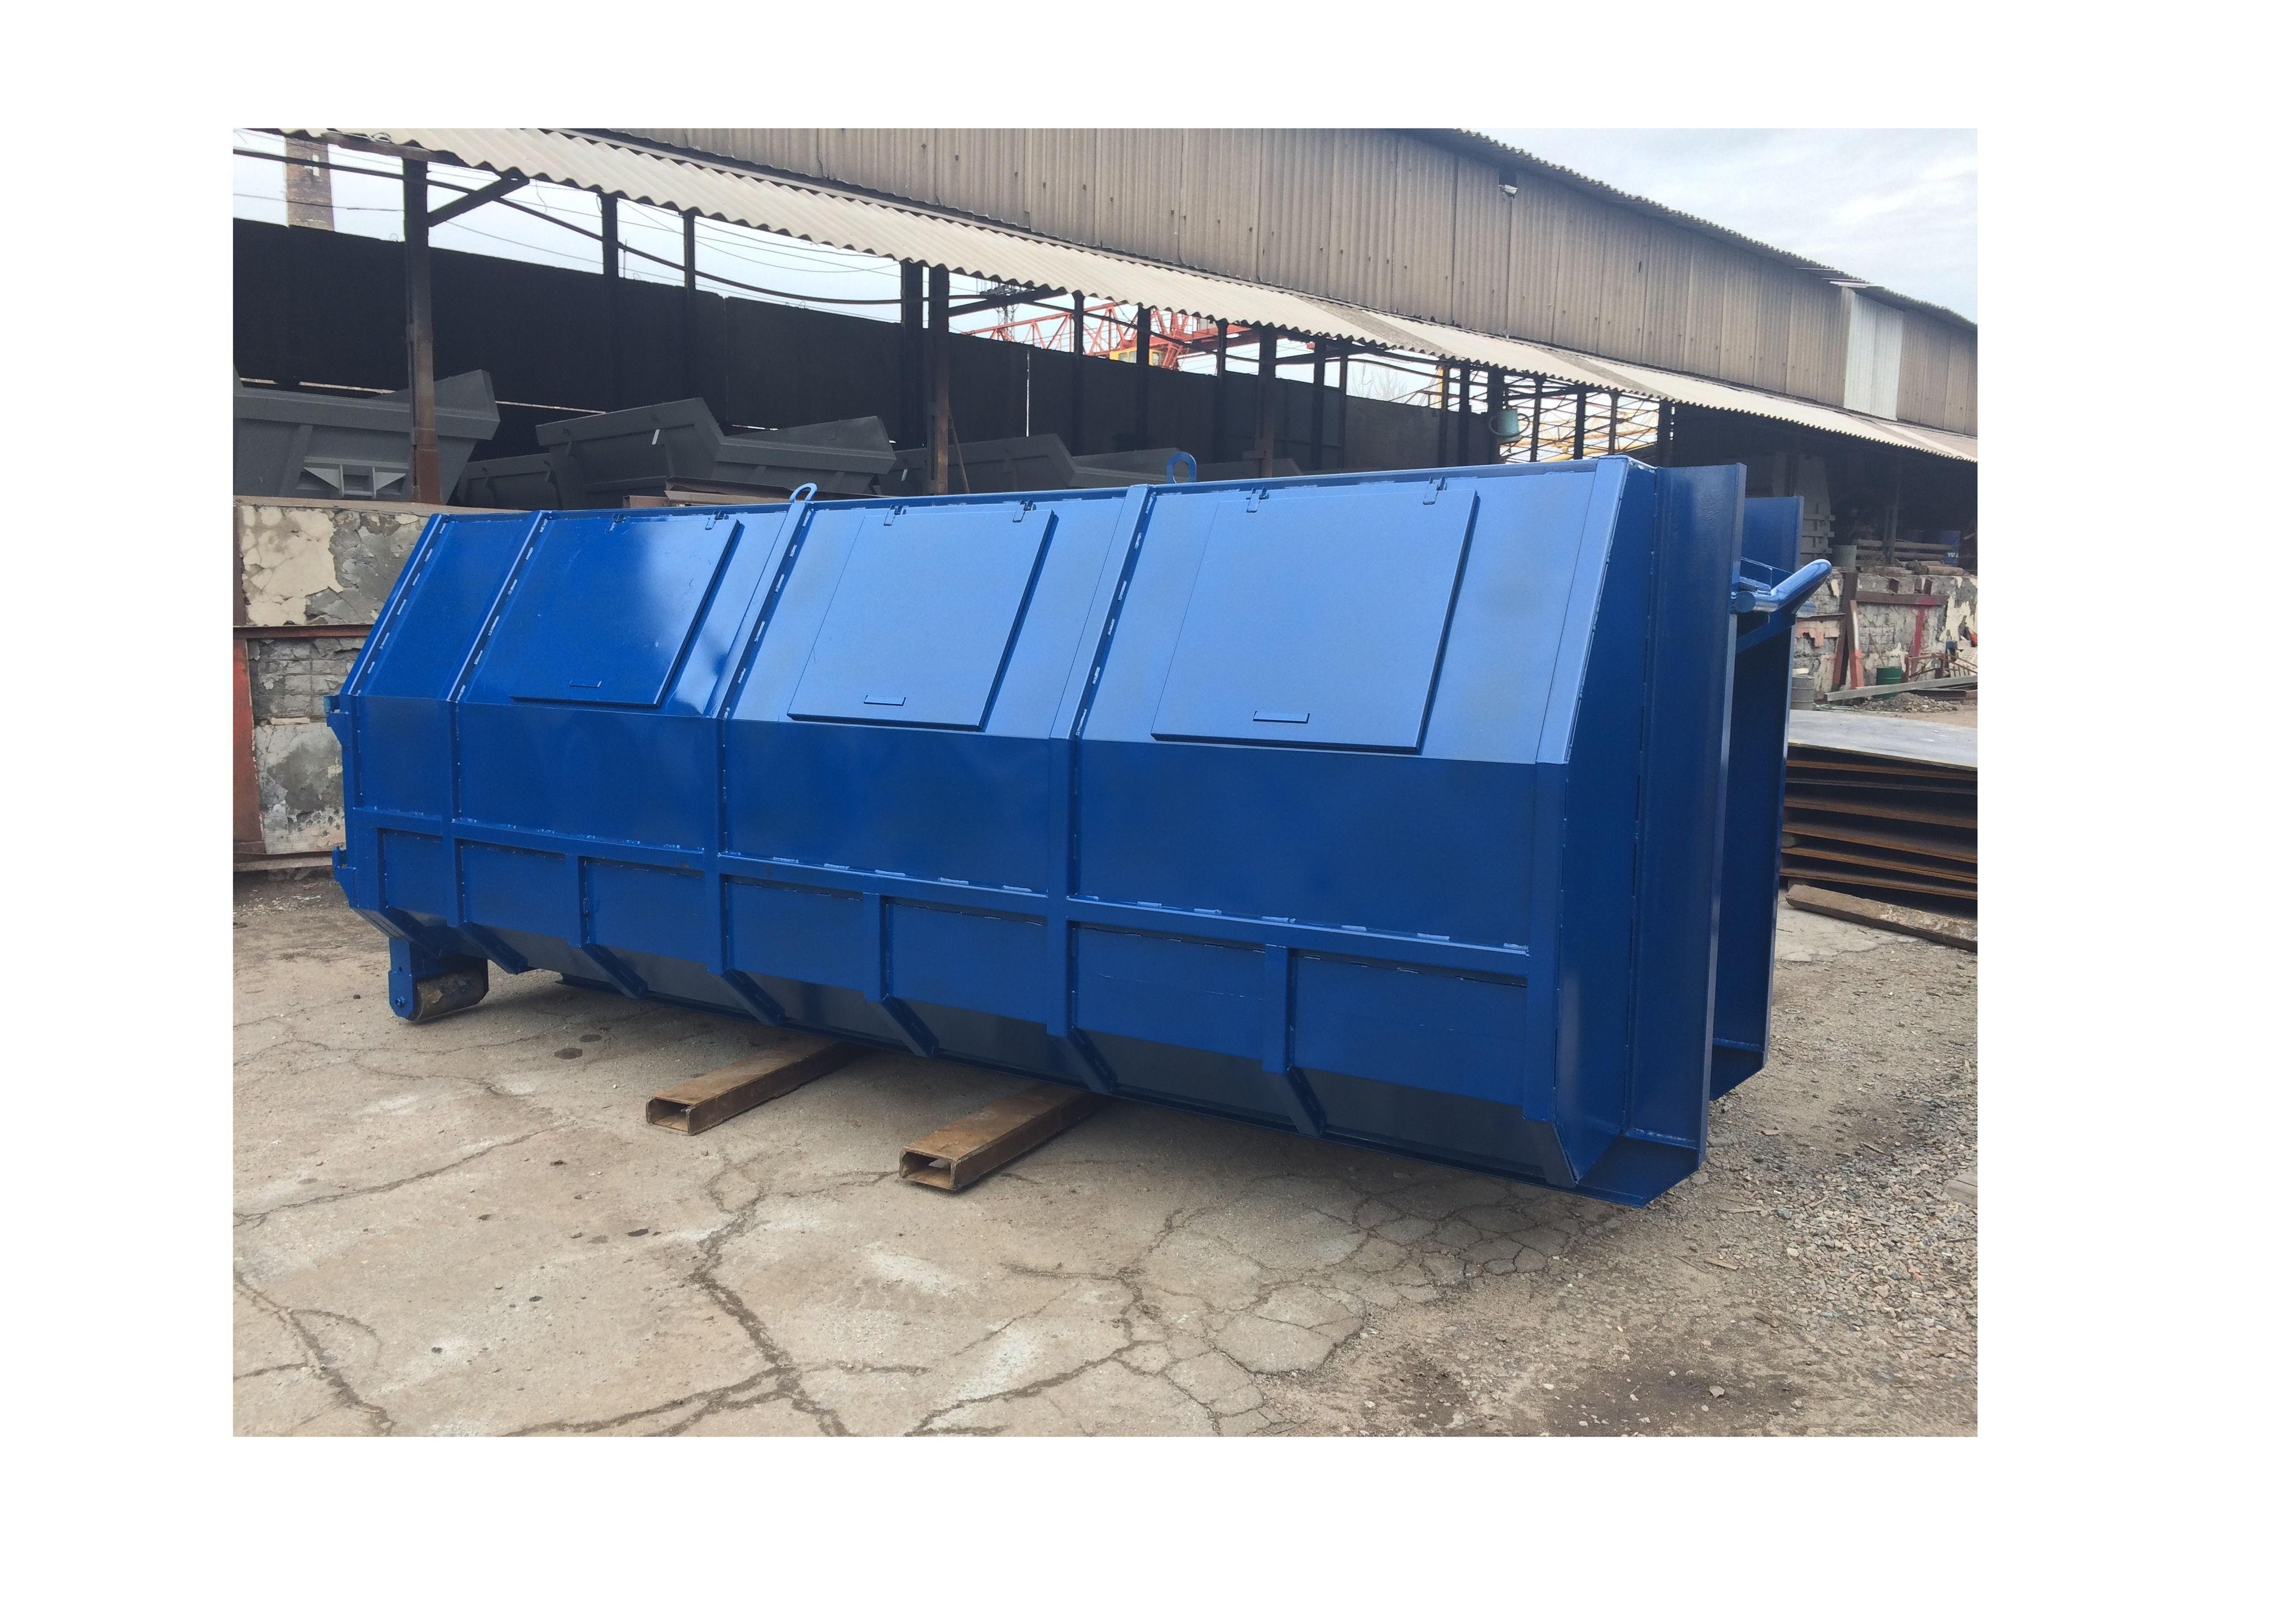 контейнер для мультилифта от производителя «РИН ЛТД»